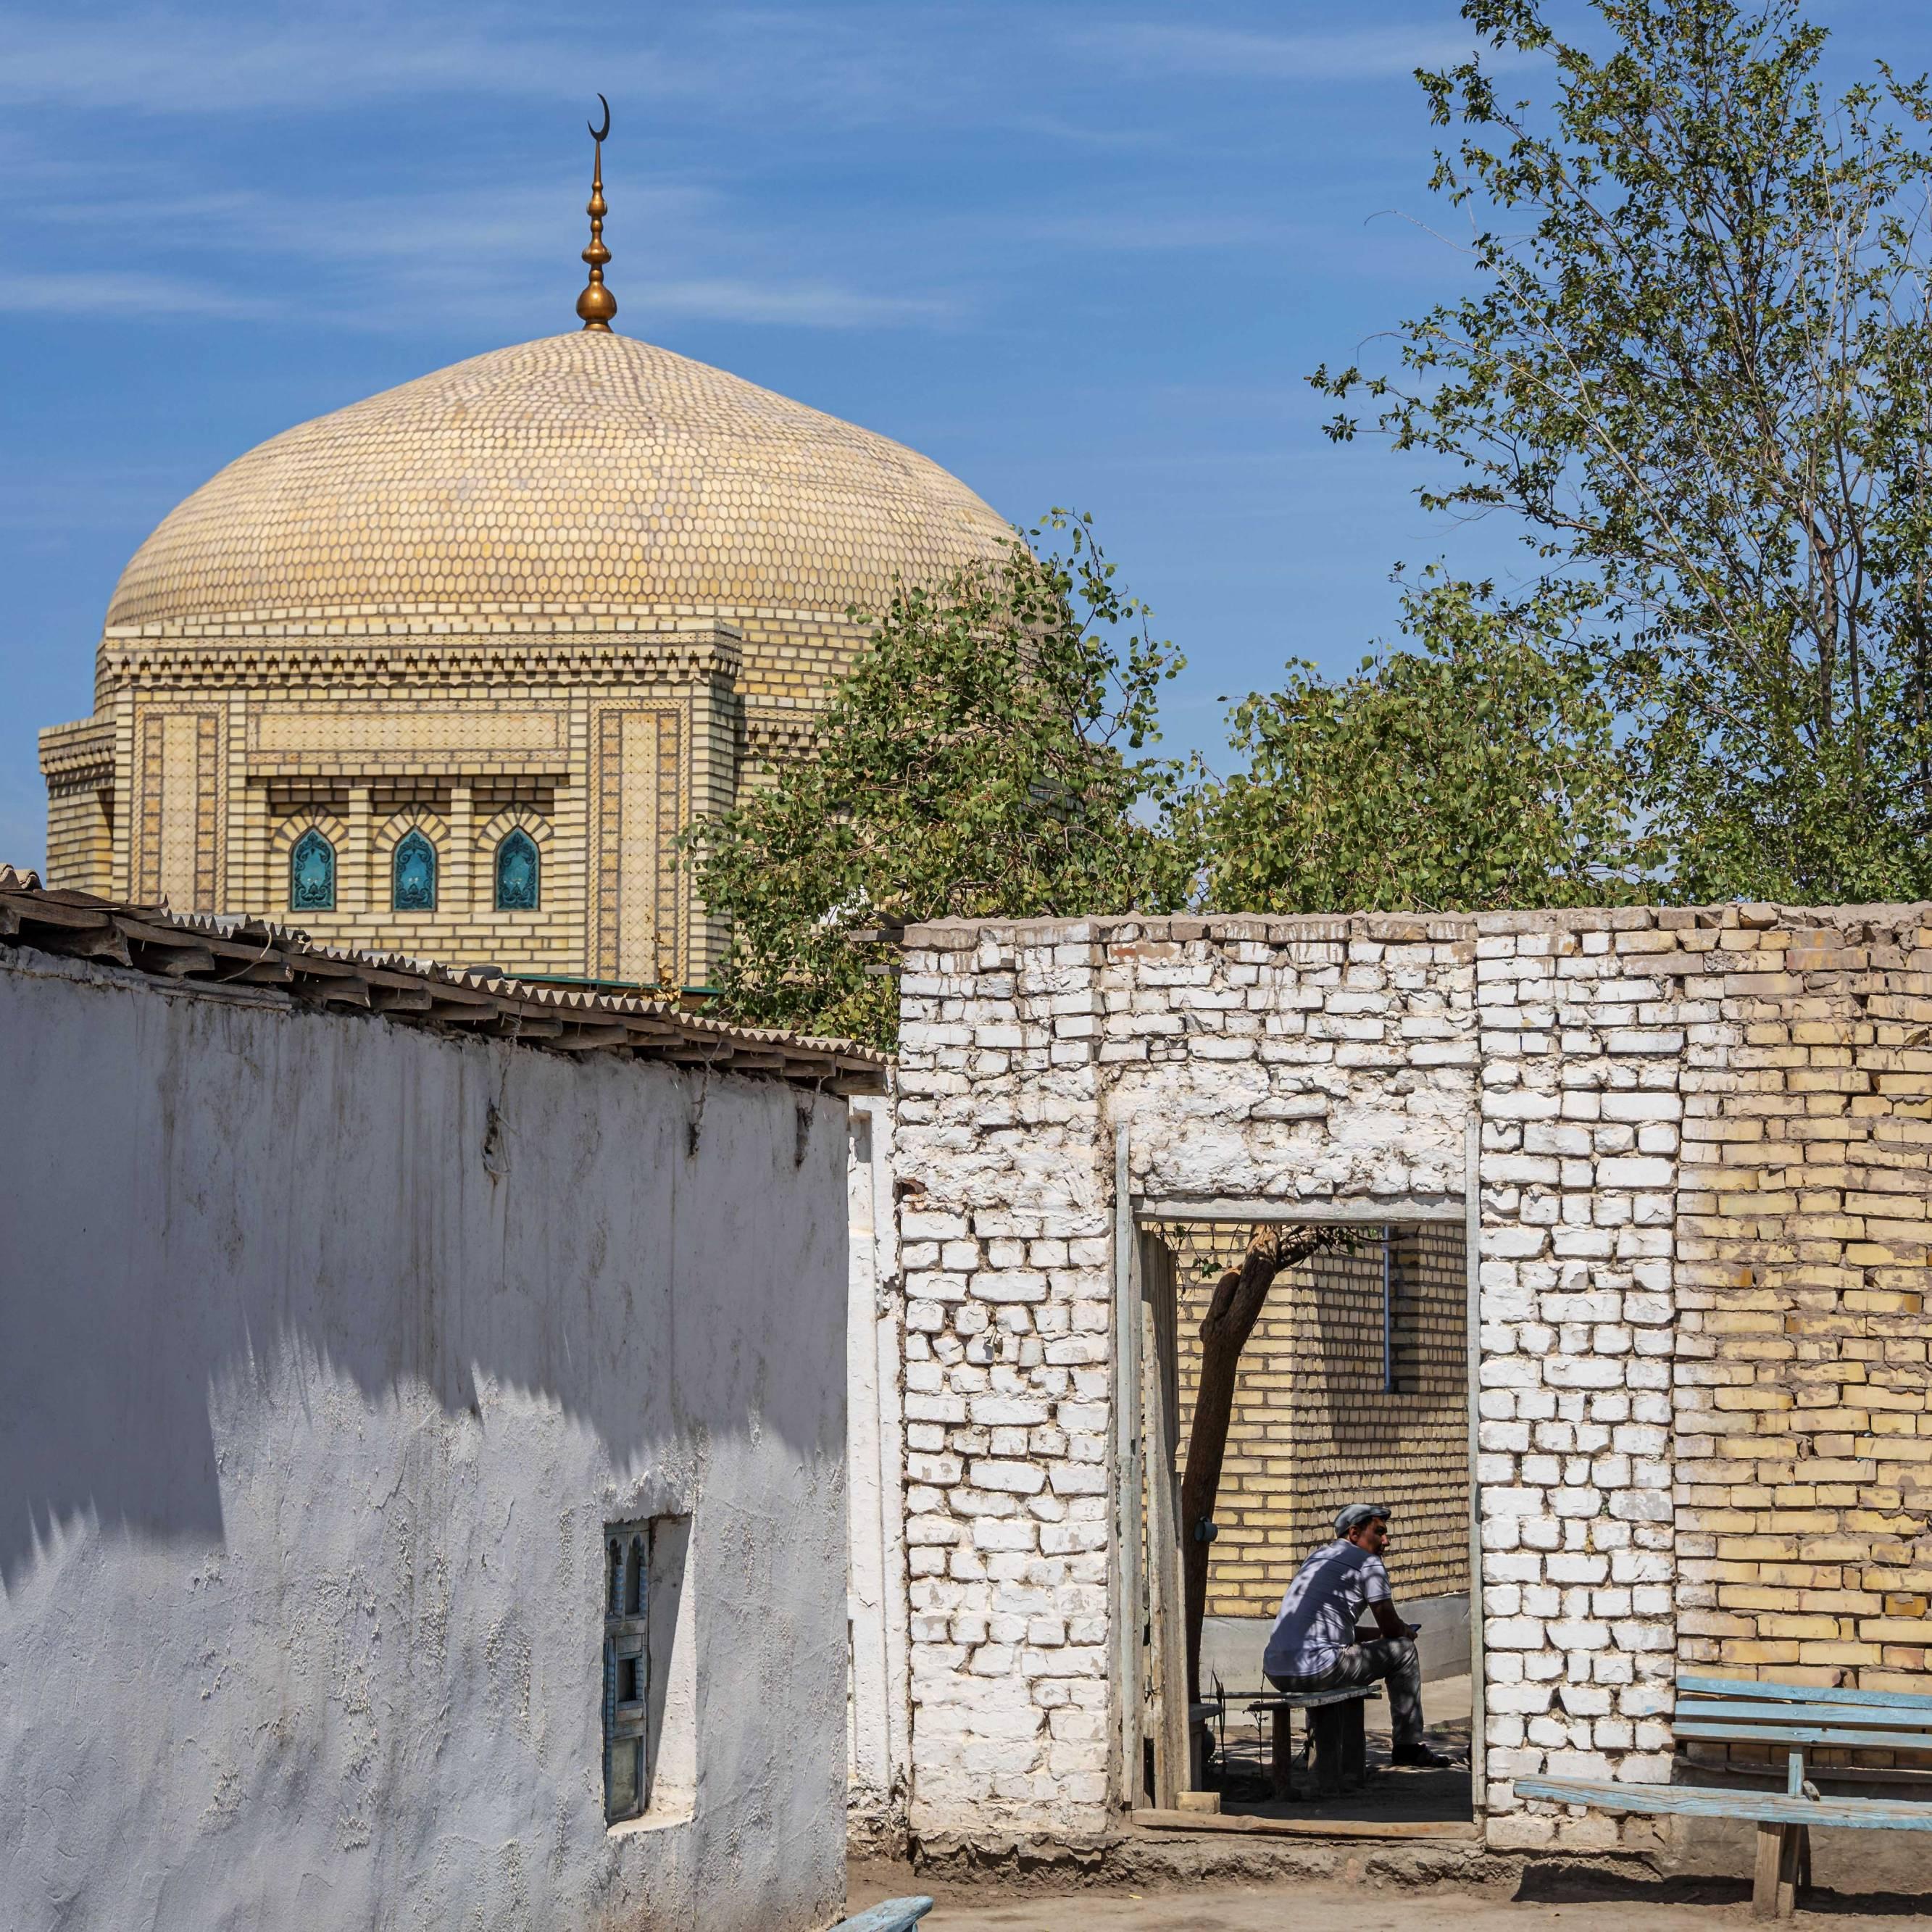 Graveyard Entrance at Kunya Urgench